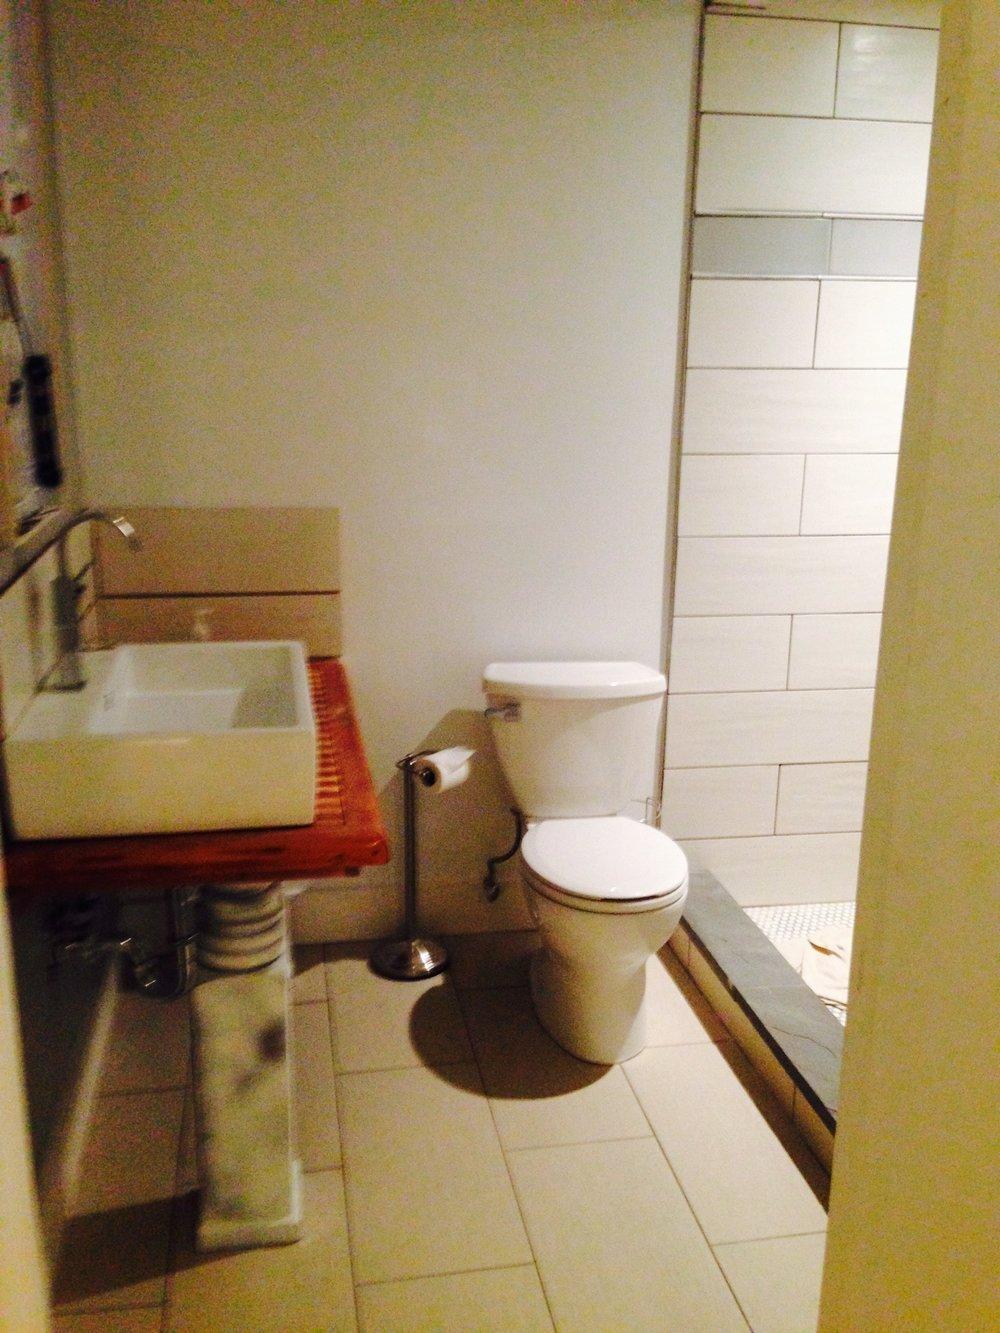 1b-LL-Bathroom-After.jpg